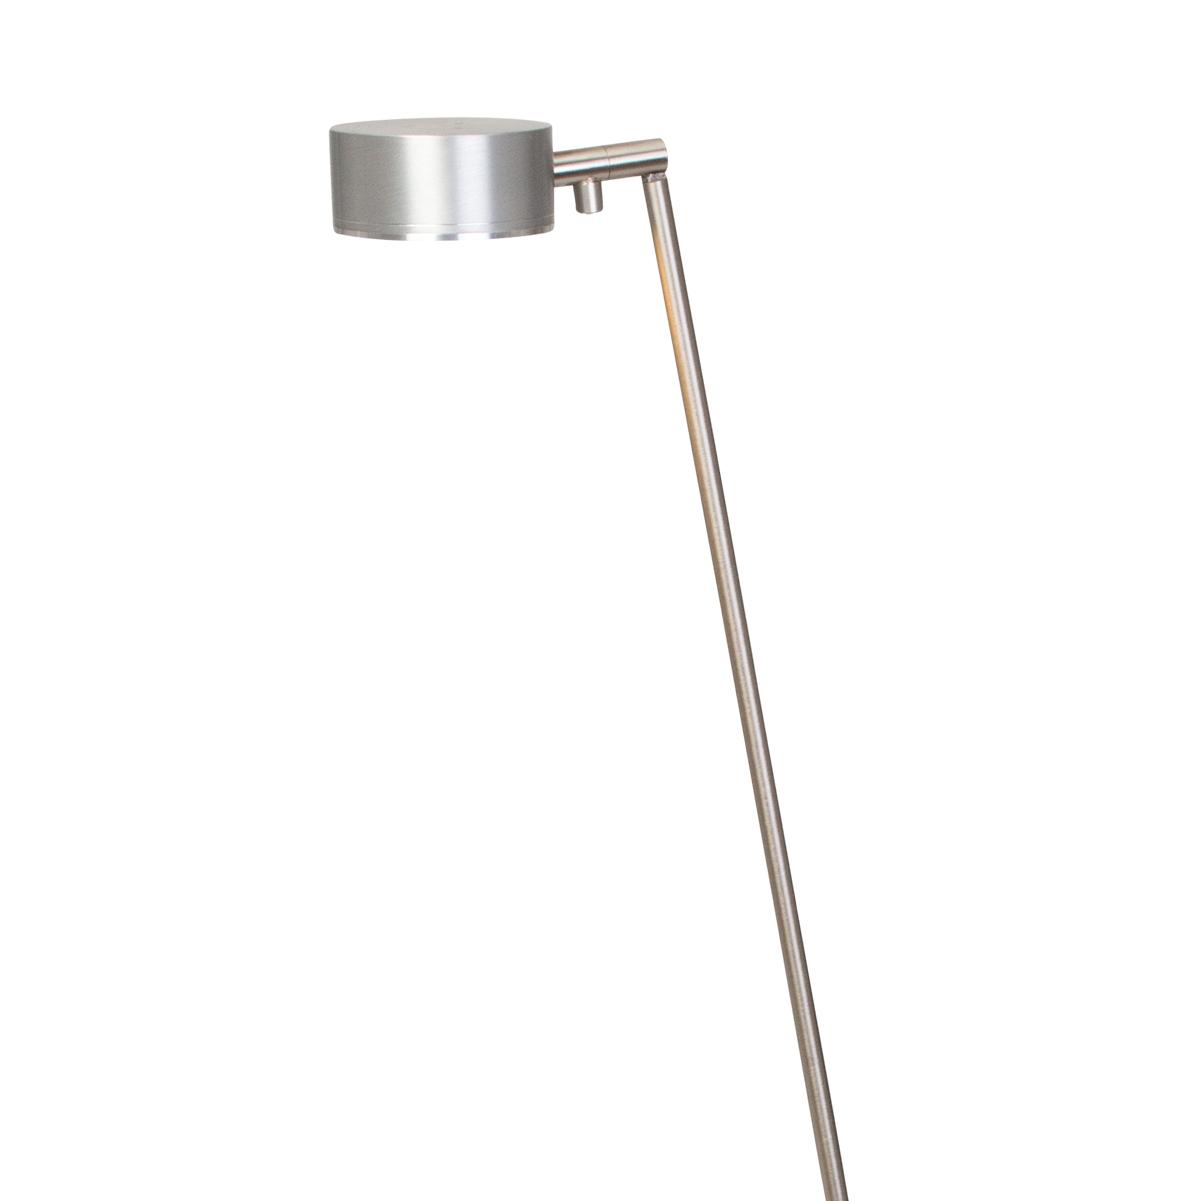 Full Size of Stehlampe Modern Gavino Moderne Stehleuchte Stahl Deckenleuchte Schlafzimmer Wohnzimmer Bilder Fürs Bett Design Küche Holz Stehlampen Esstisch Modernes Wohnzimmer Stehlampe Modern